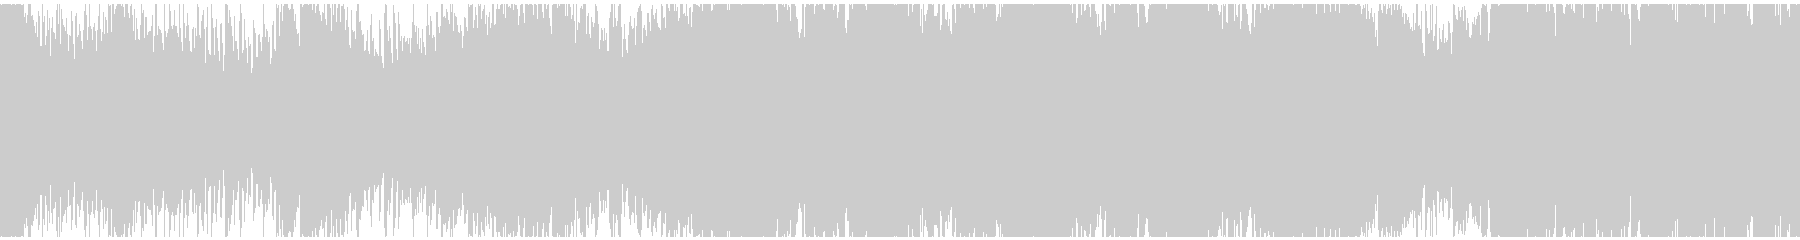 勇壮なケルト&オーケストラ曲(ループ)の未再生の波形